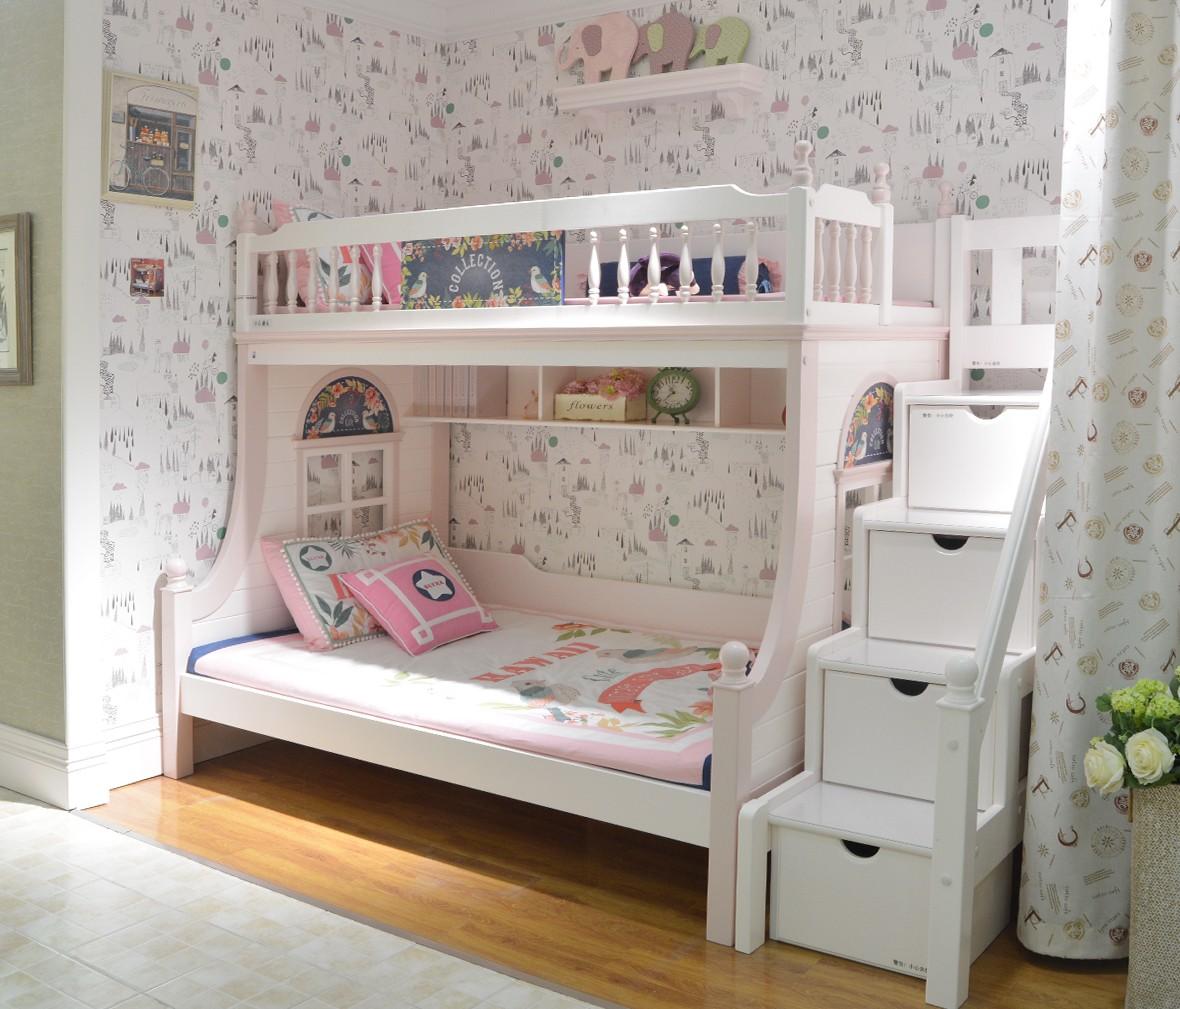 美墅馆儿童家具 VHA019-0912型号星星索 美墅馆 进口美洲松材质 商品情景